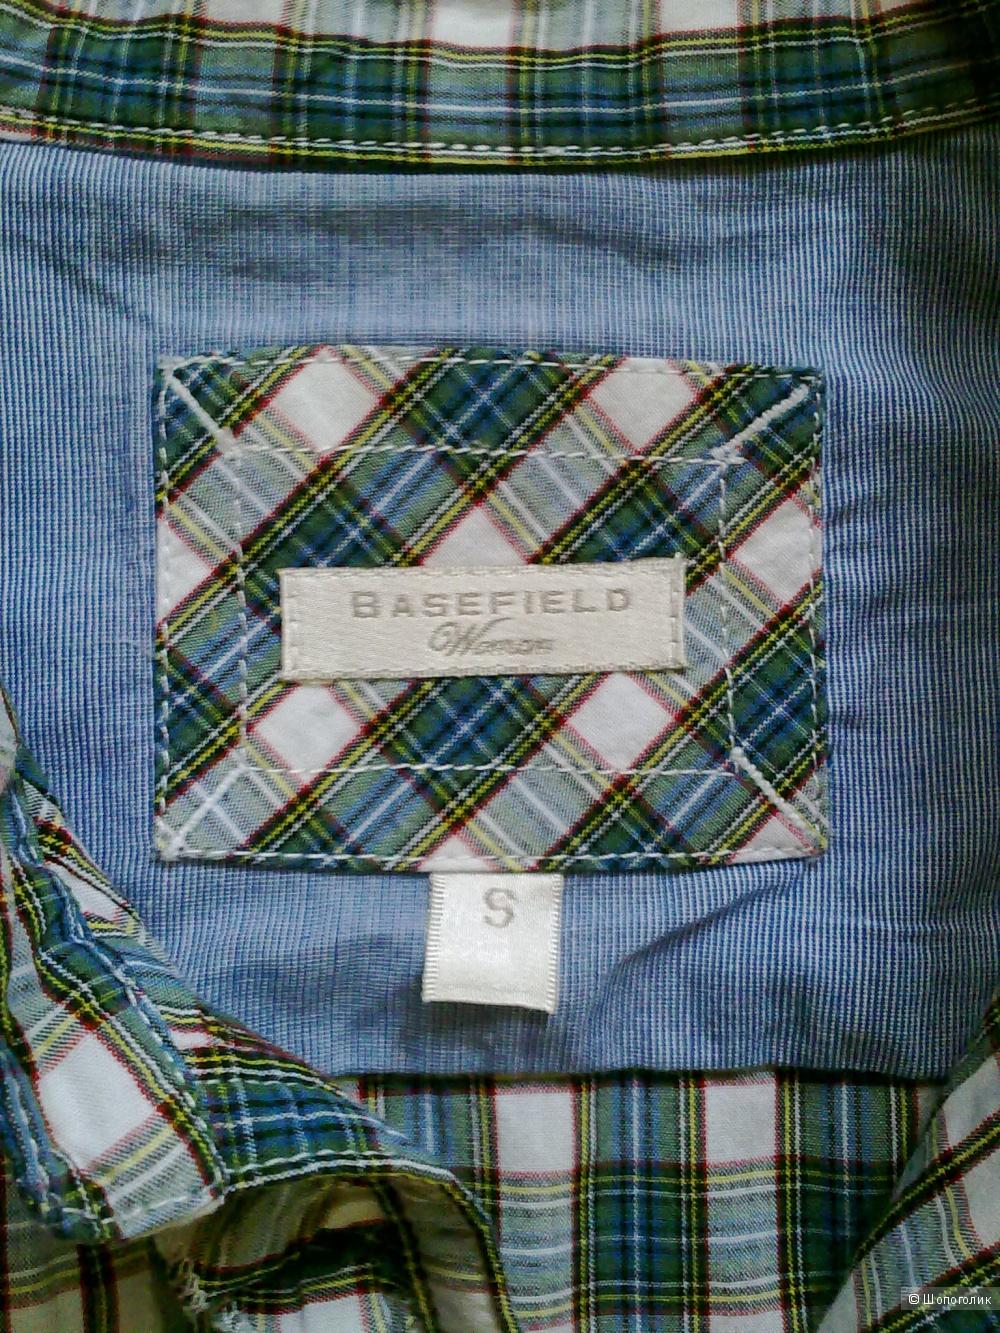 Рубашка Basefield , размер S.